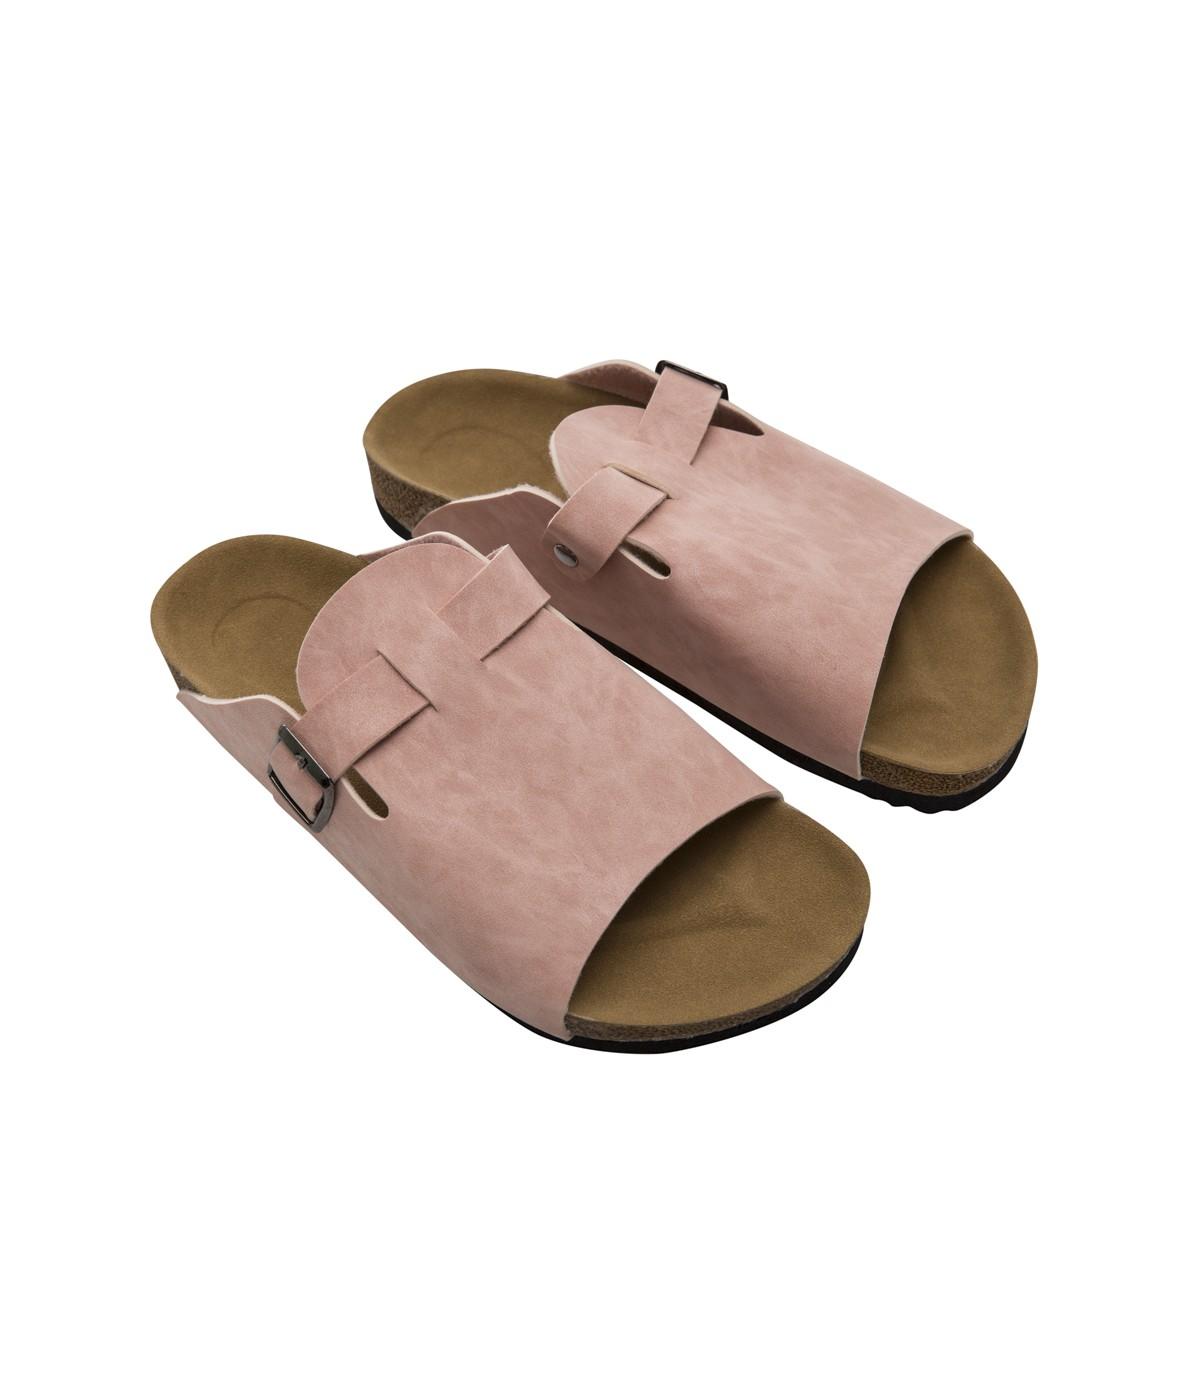 Dusty Slippers